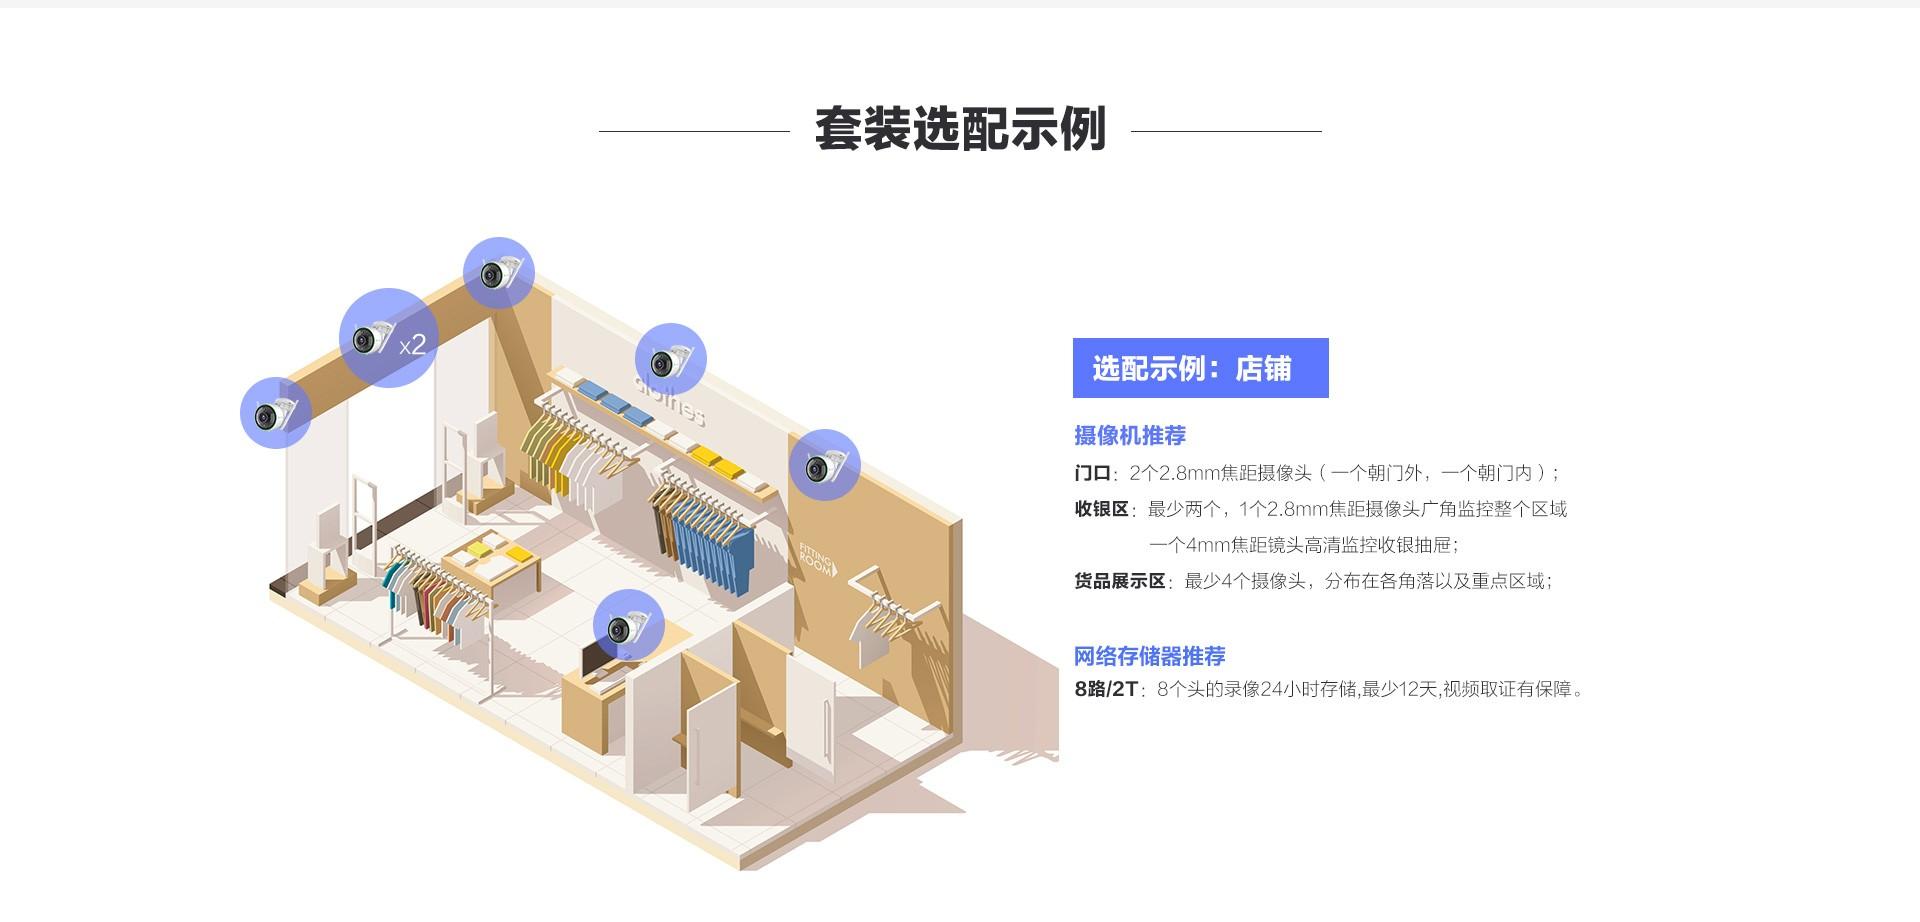 C3C+X5S-web_30.jpg